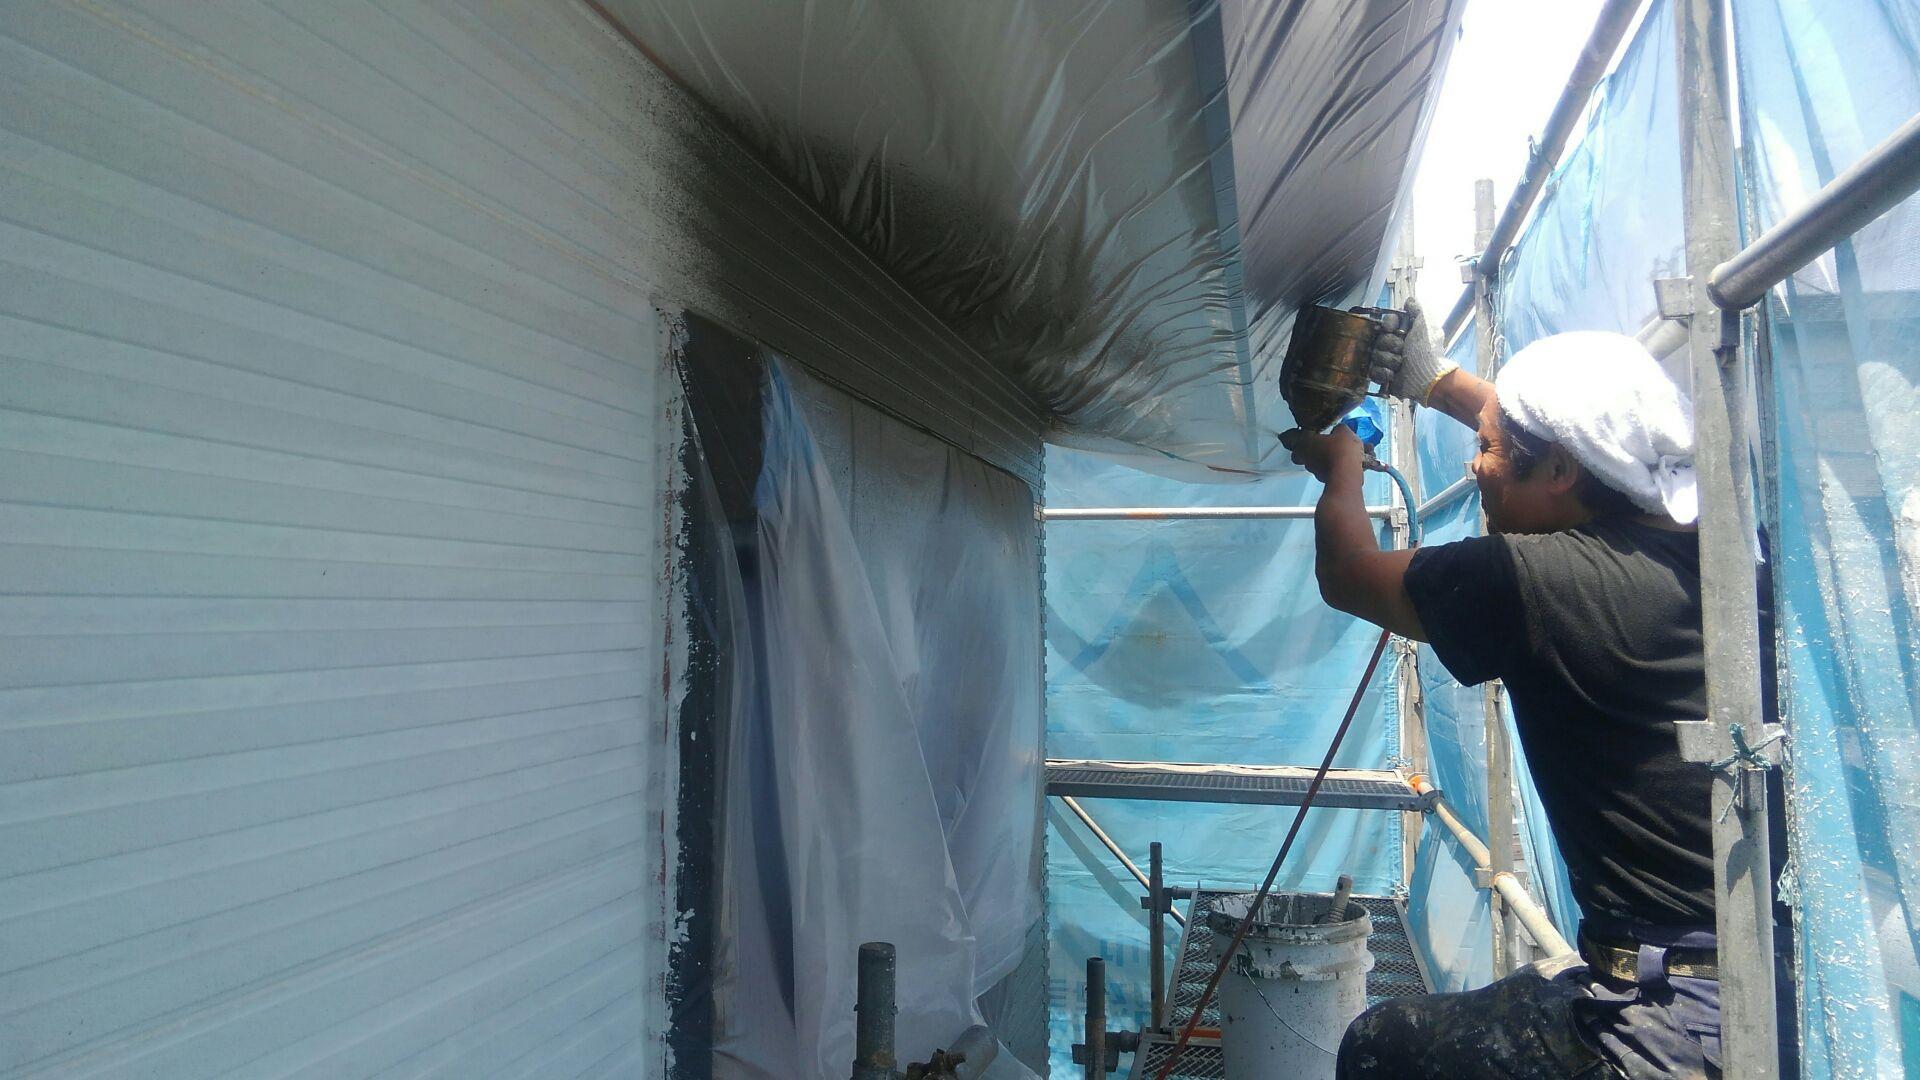 塗装屋さんは下地処理が終わって次の工程。セメント系フィラーの吹付けをはじめました。この工程は、表面の巣穴消し(表面をなだらかに平らにする)と言い、仕上がりをキレイにするための作業です。塗装屋さん、暑さに負けずガンバッテ!